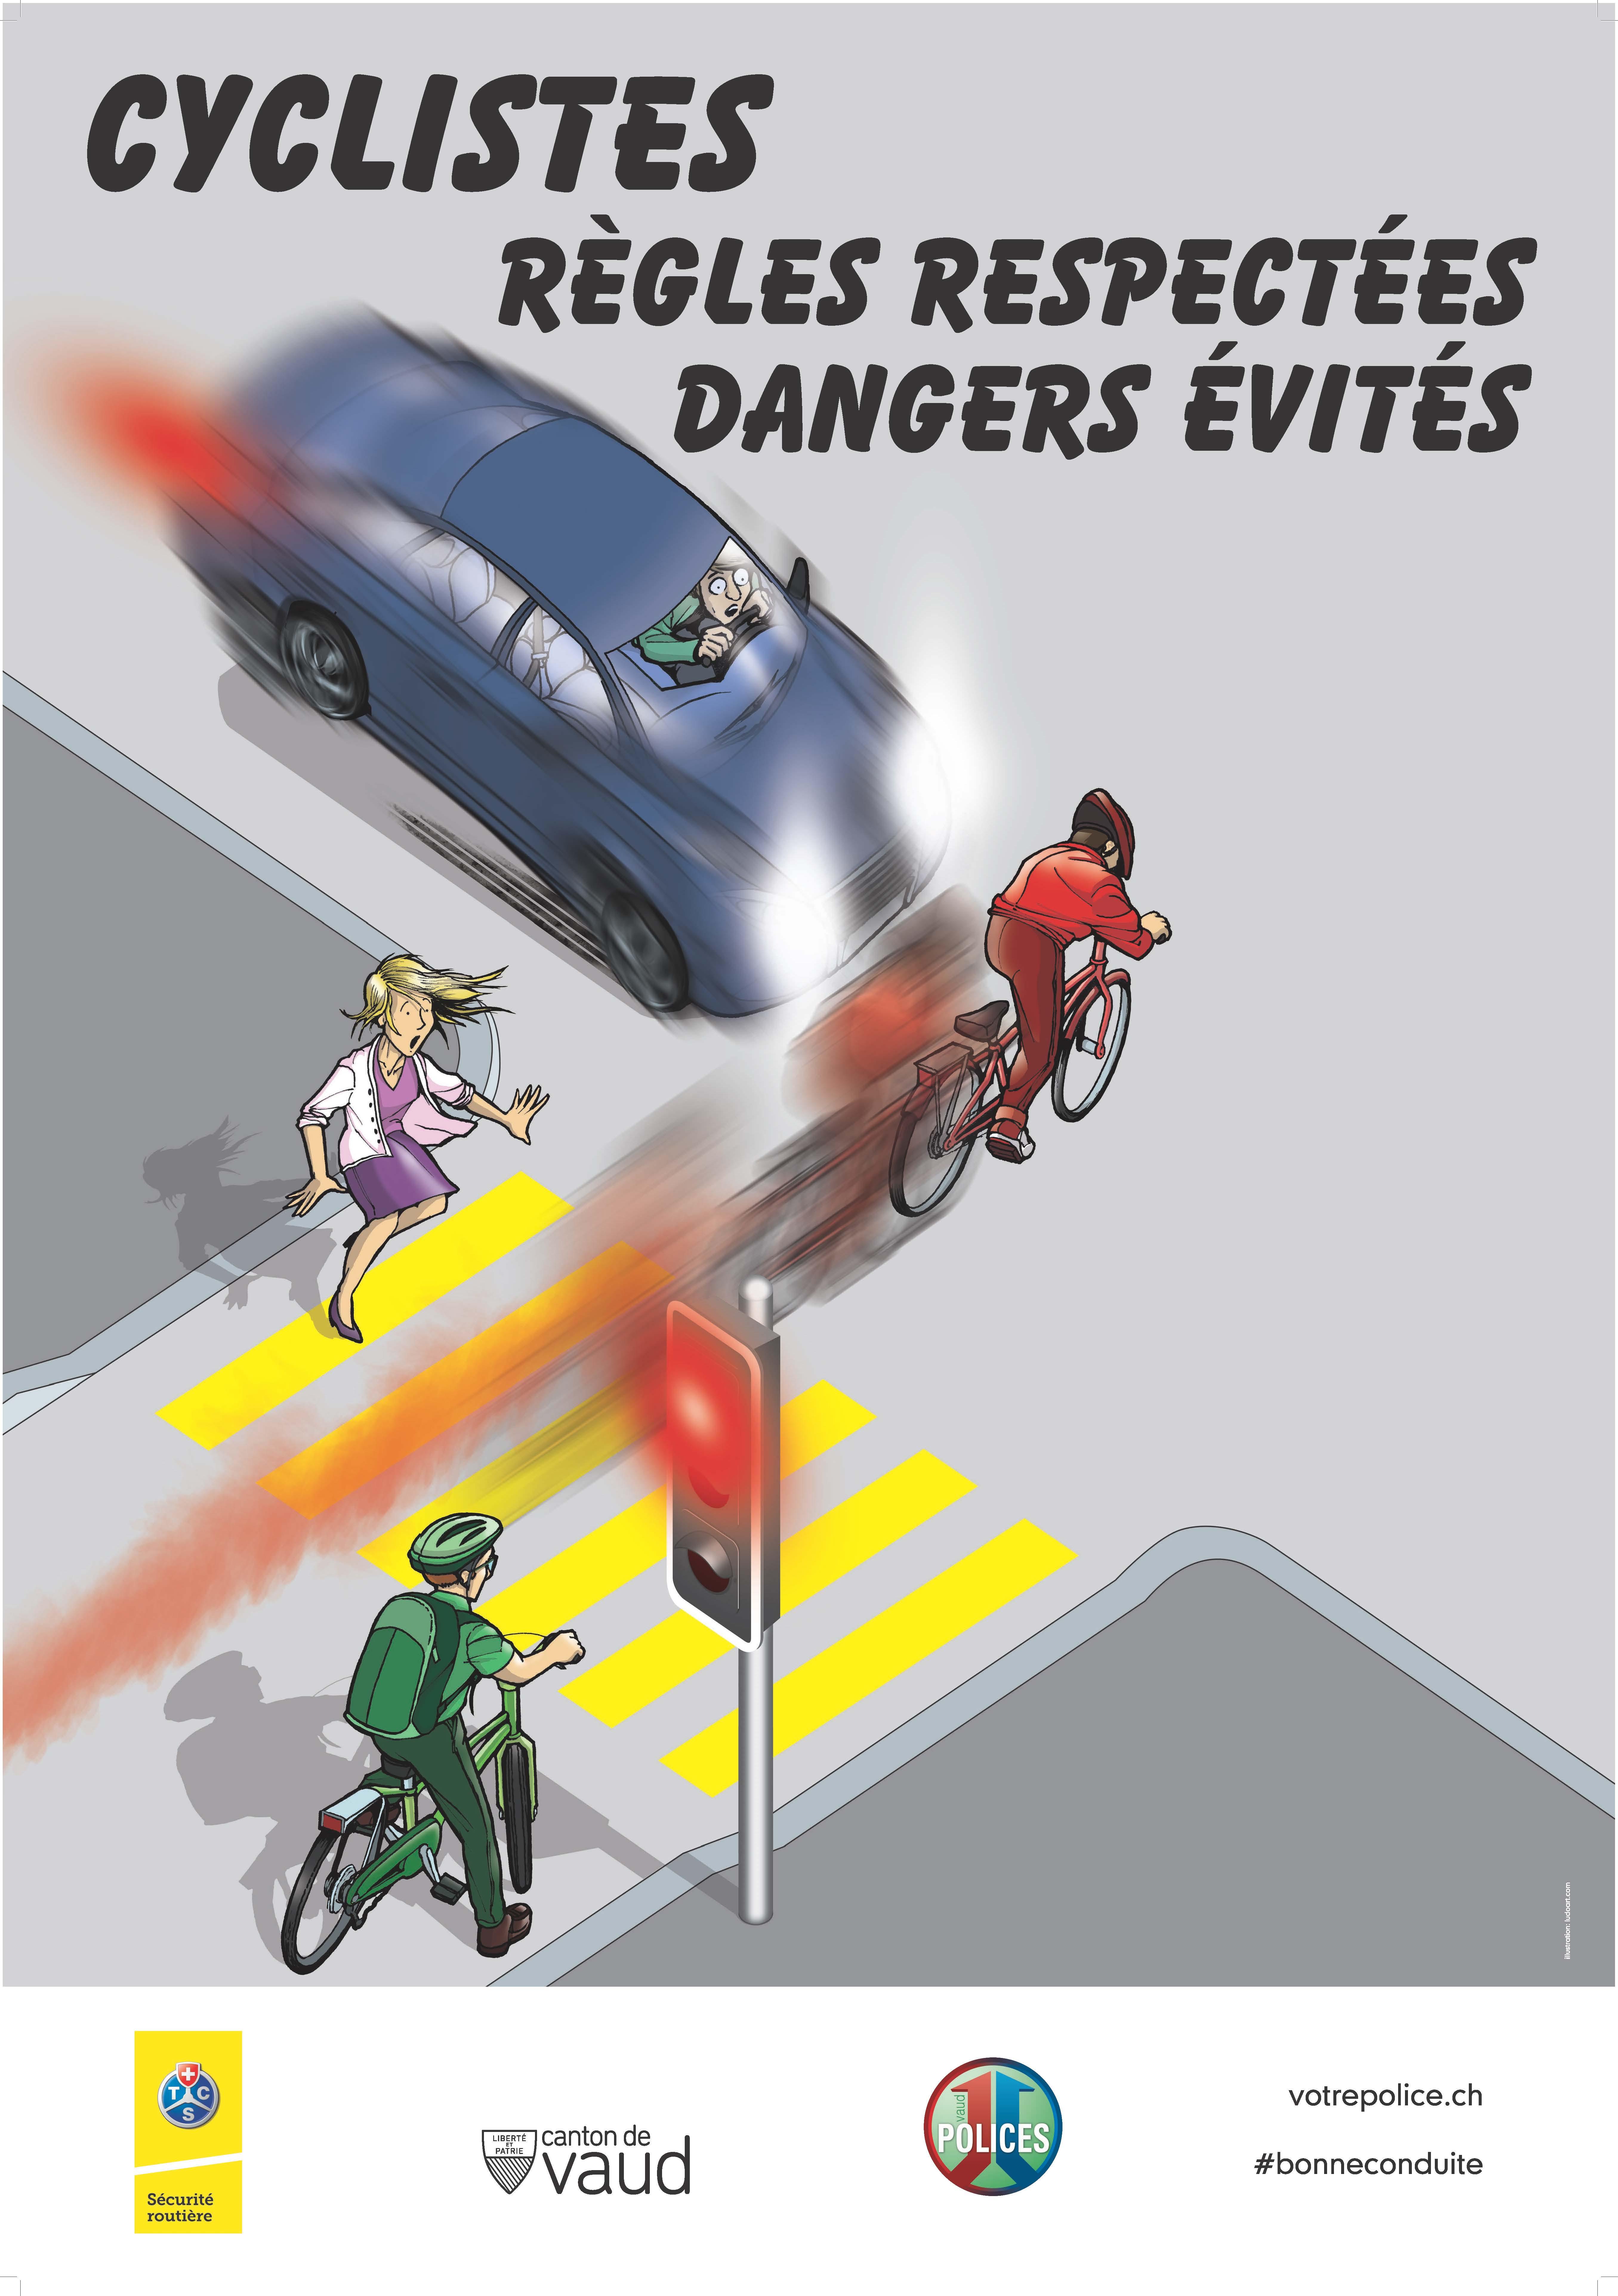 «Règles respectées, dangers évités!»